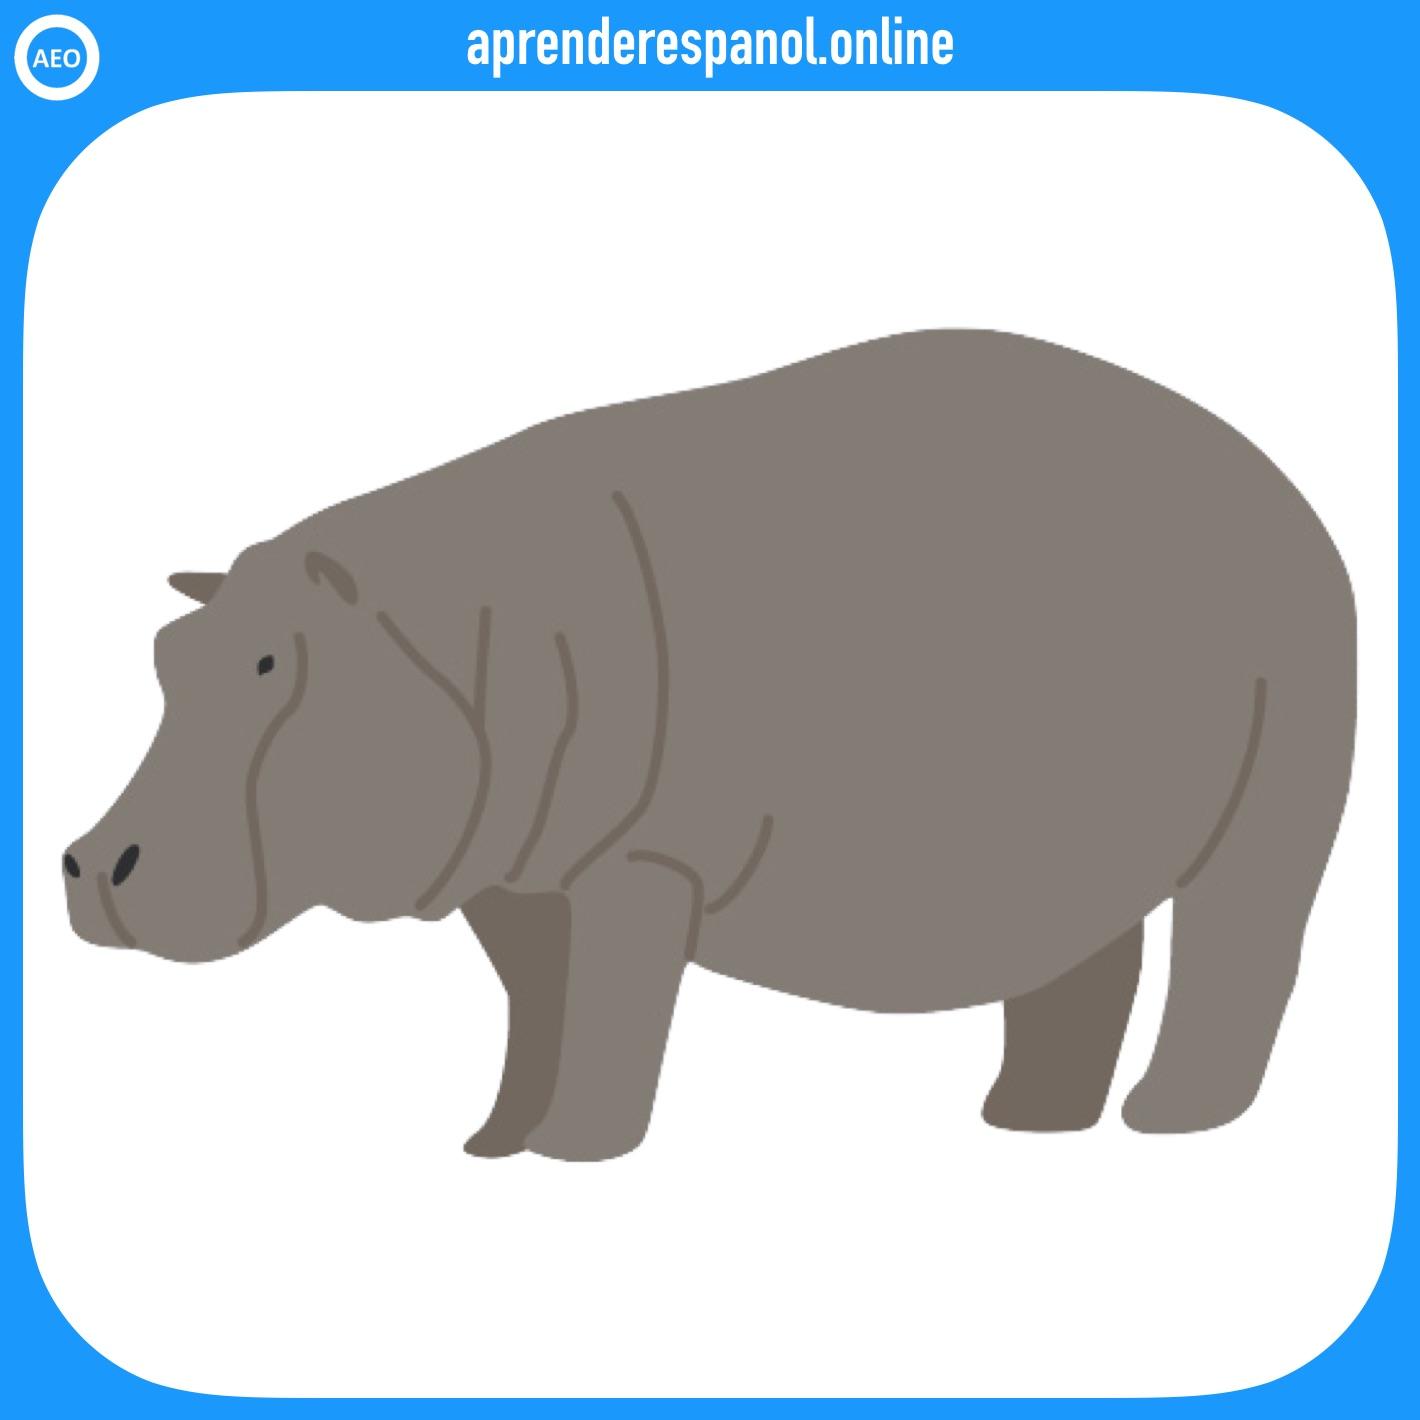 hipopótamo | animales en español | vocabulario de los animales en español